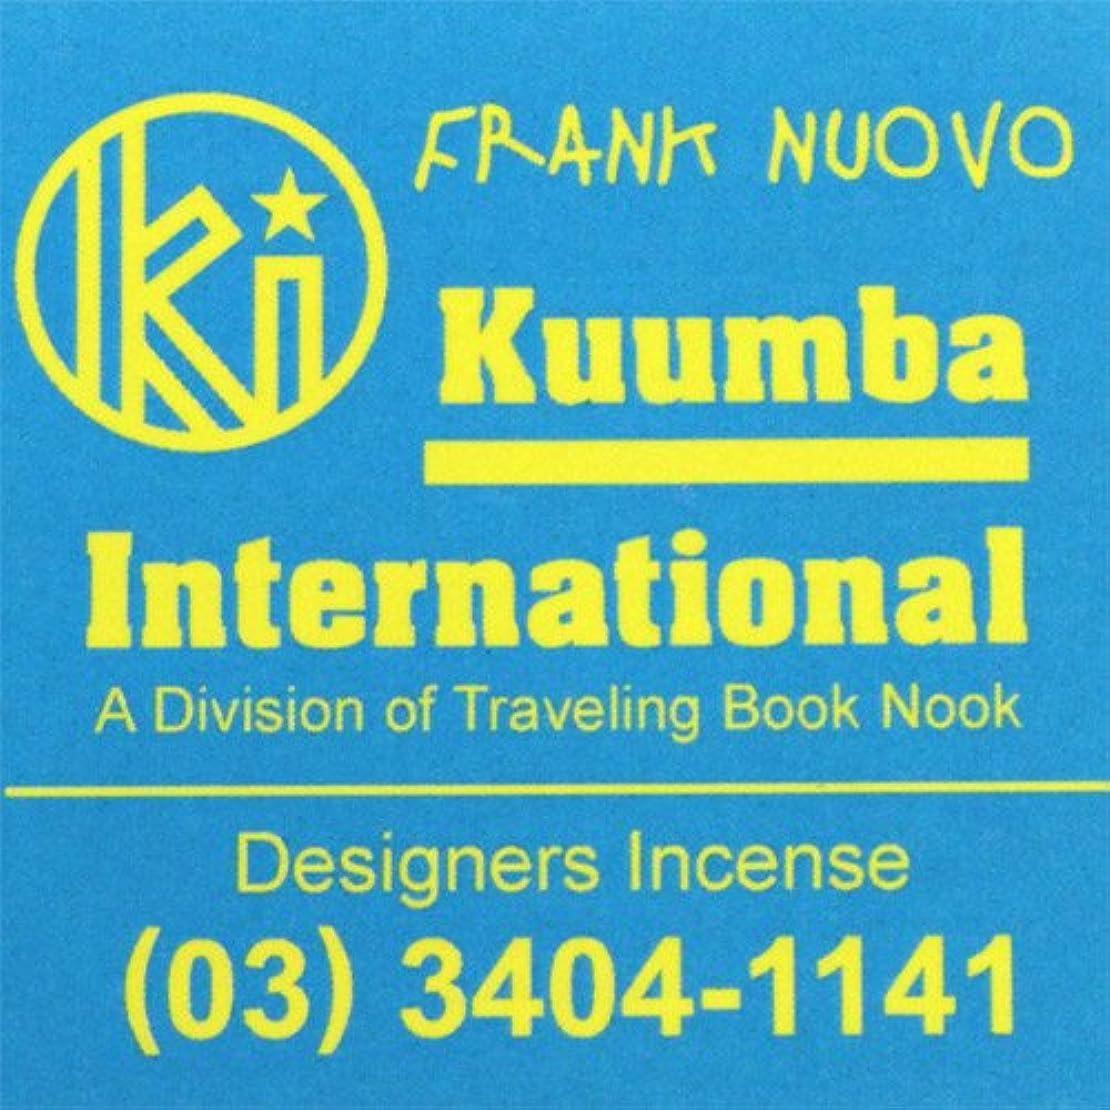 プロットしないきょうだいKUUMBA / クンバ『incense』(FRANK NUOVO) (Regular size)